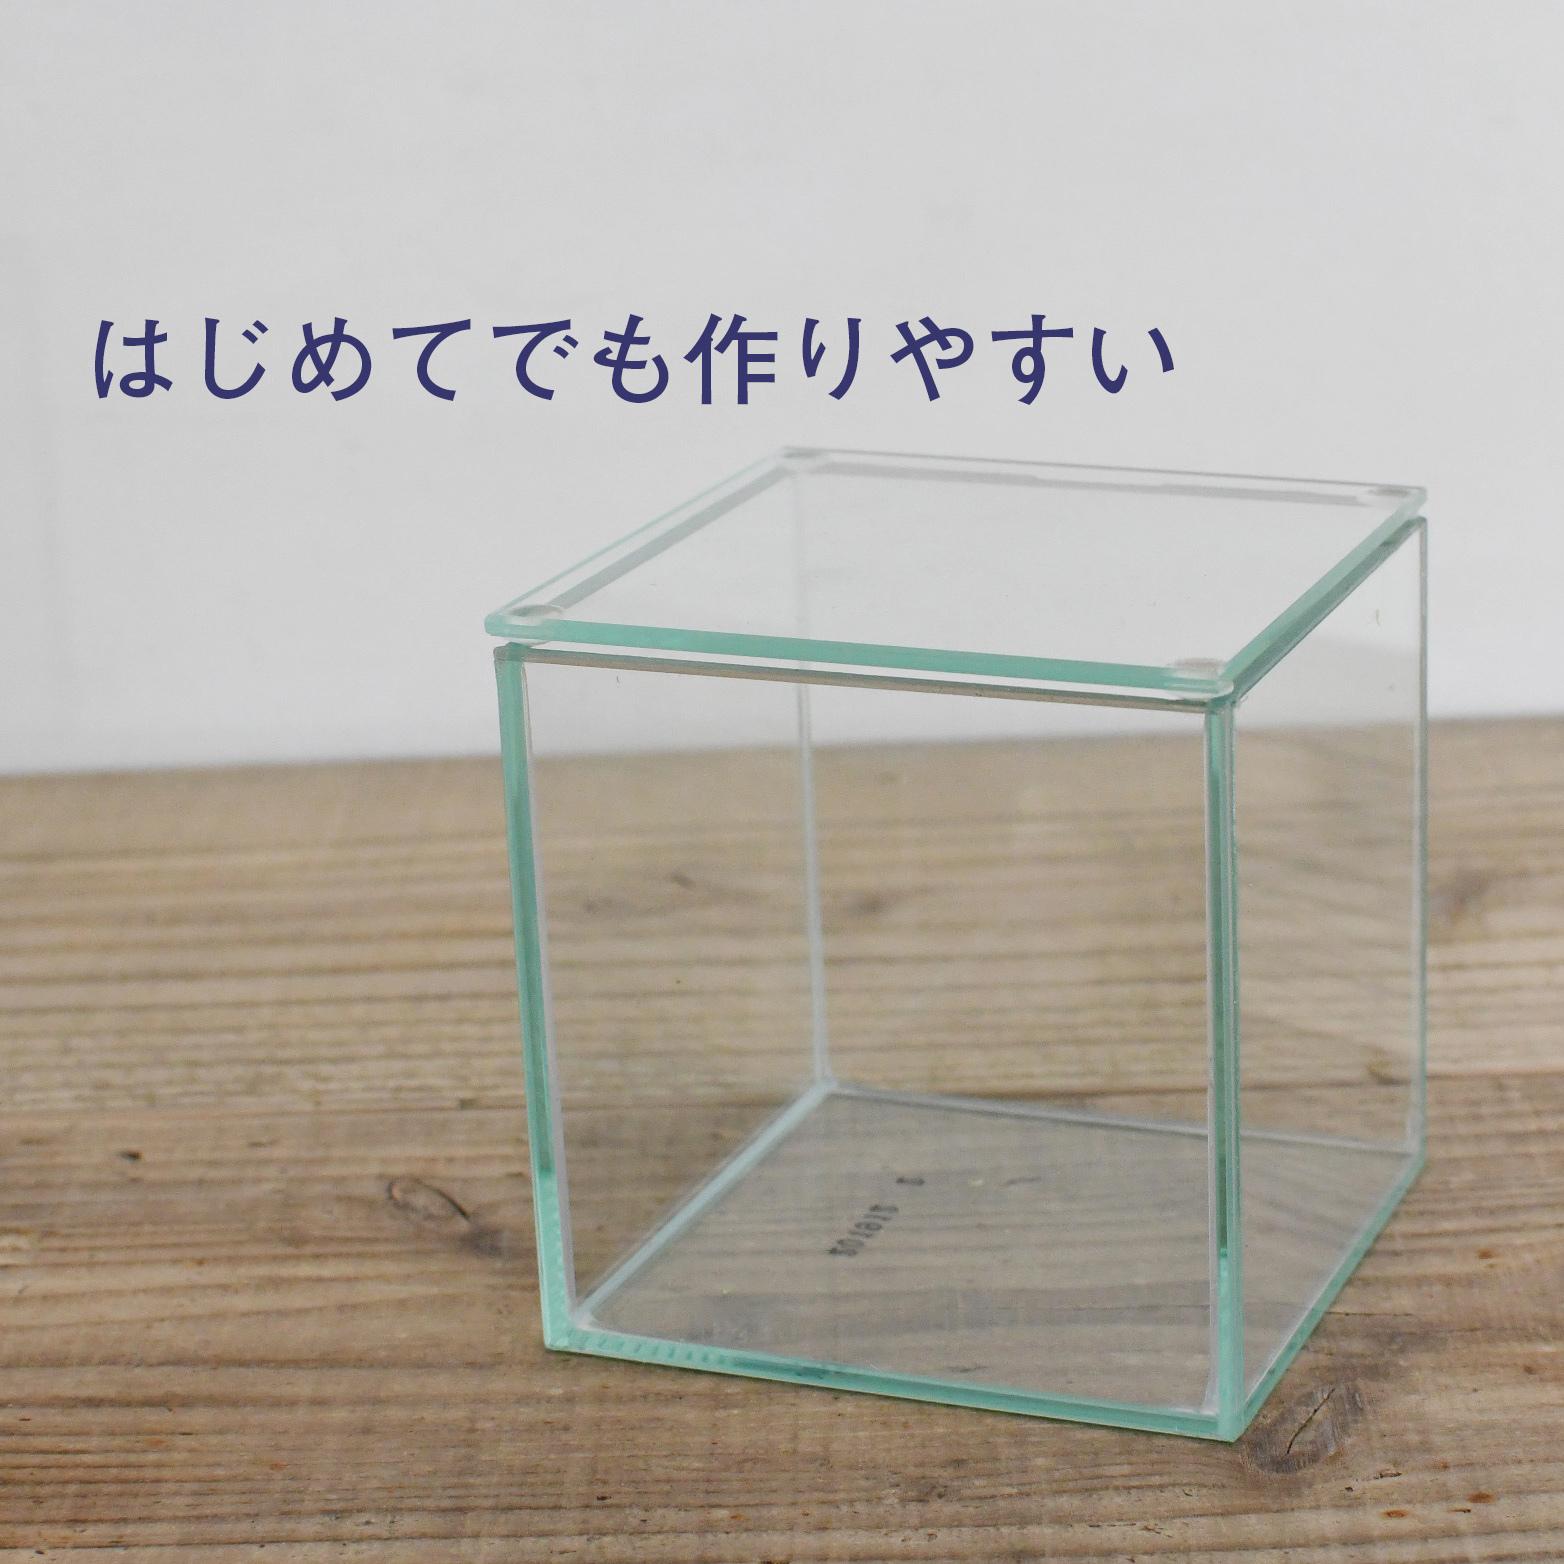 【ガラス容器】フィット100CUBE(100x100xh100mm)◆はじめてでも作りやすい